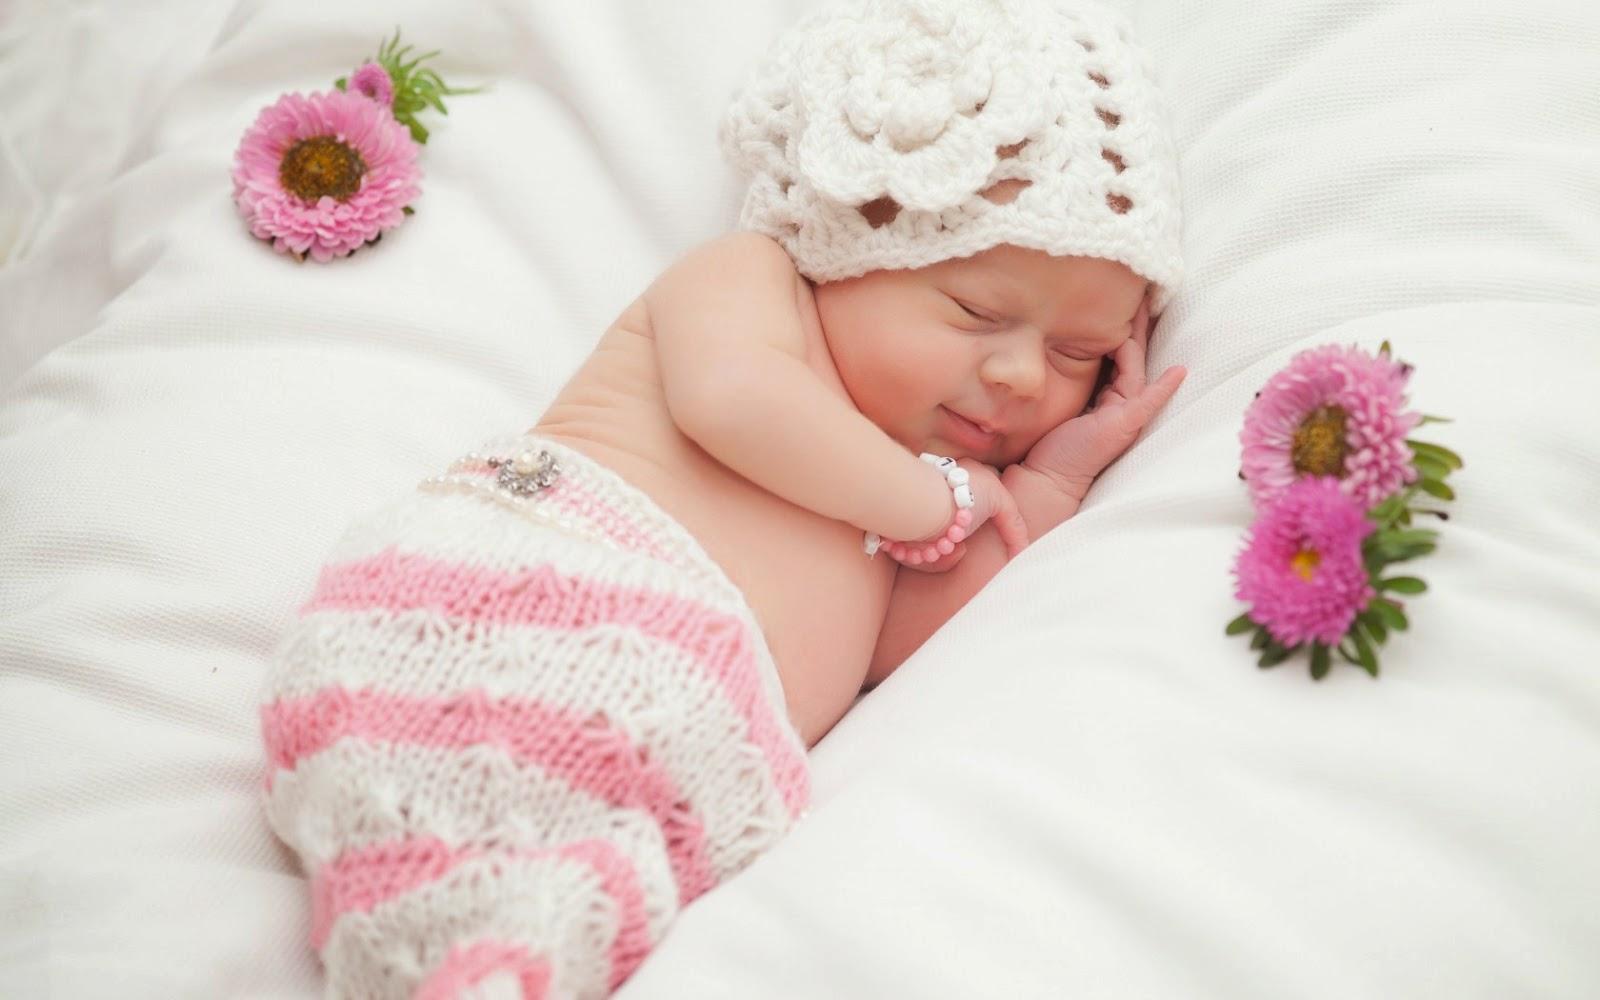 5 معتقدات خاطئة عن نوم المولود